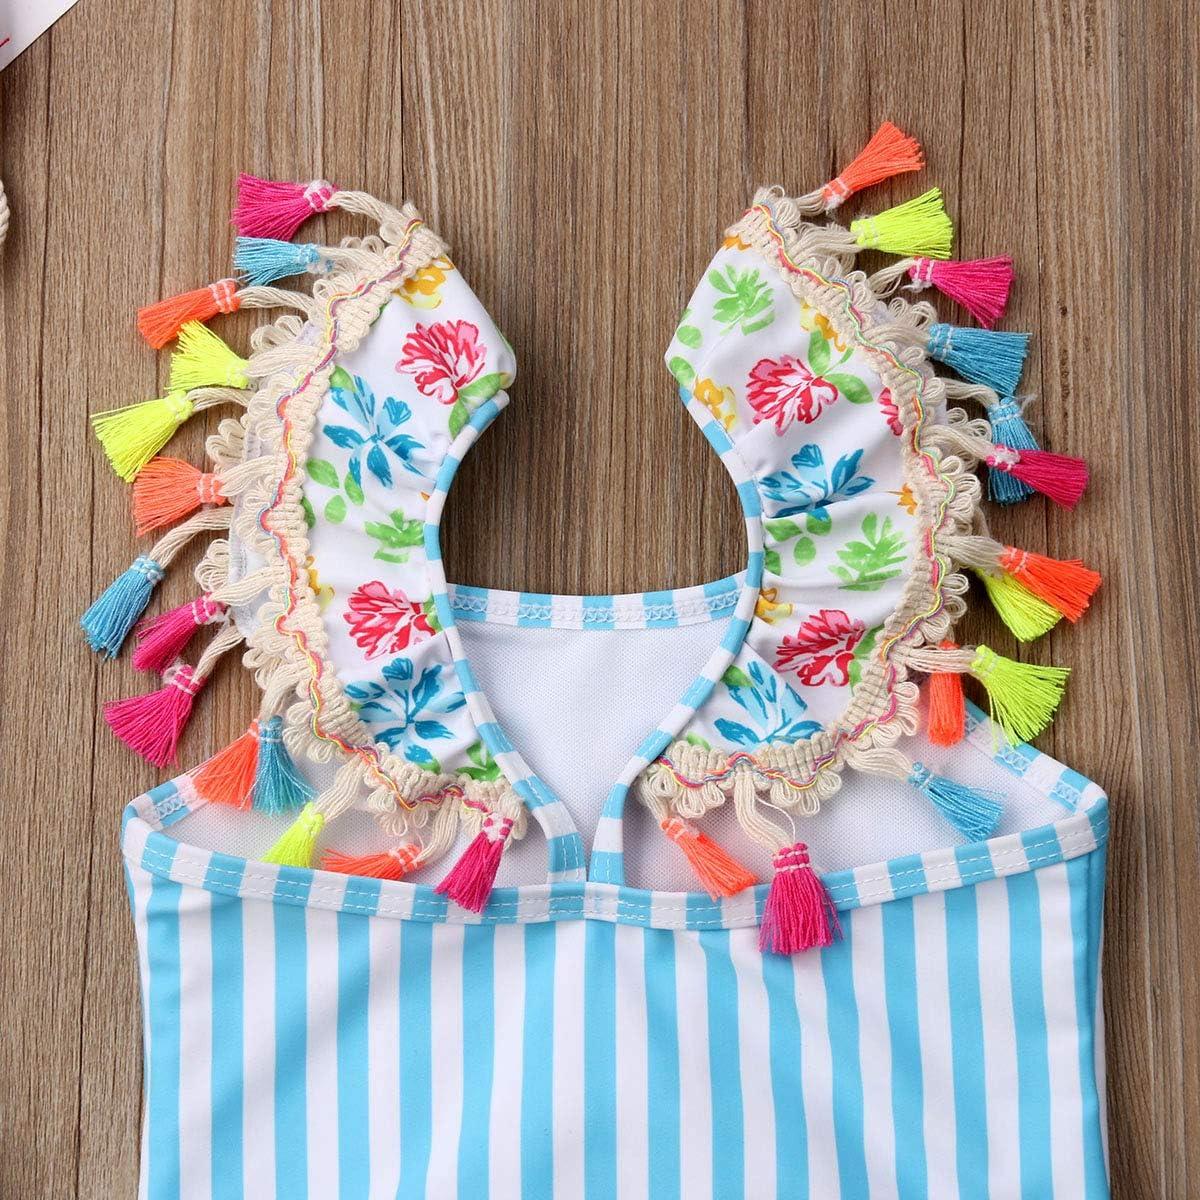 Kids Toddler Baby Girl One Piece Swimsuit Beach Wear Striped Flamingo Tassels Swimwear Bathing Suits 0-6T